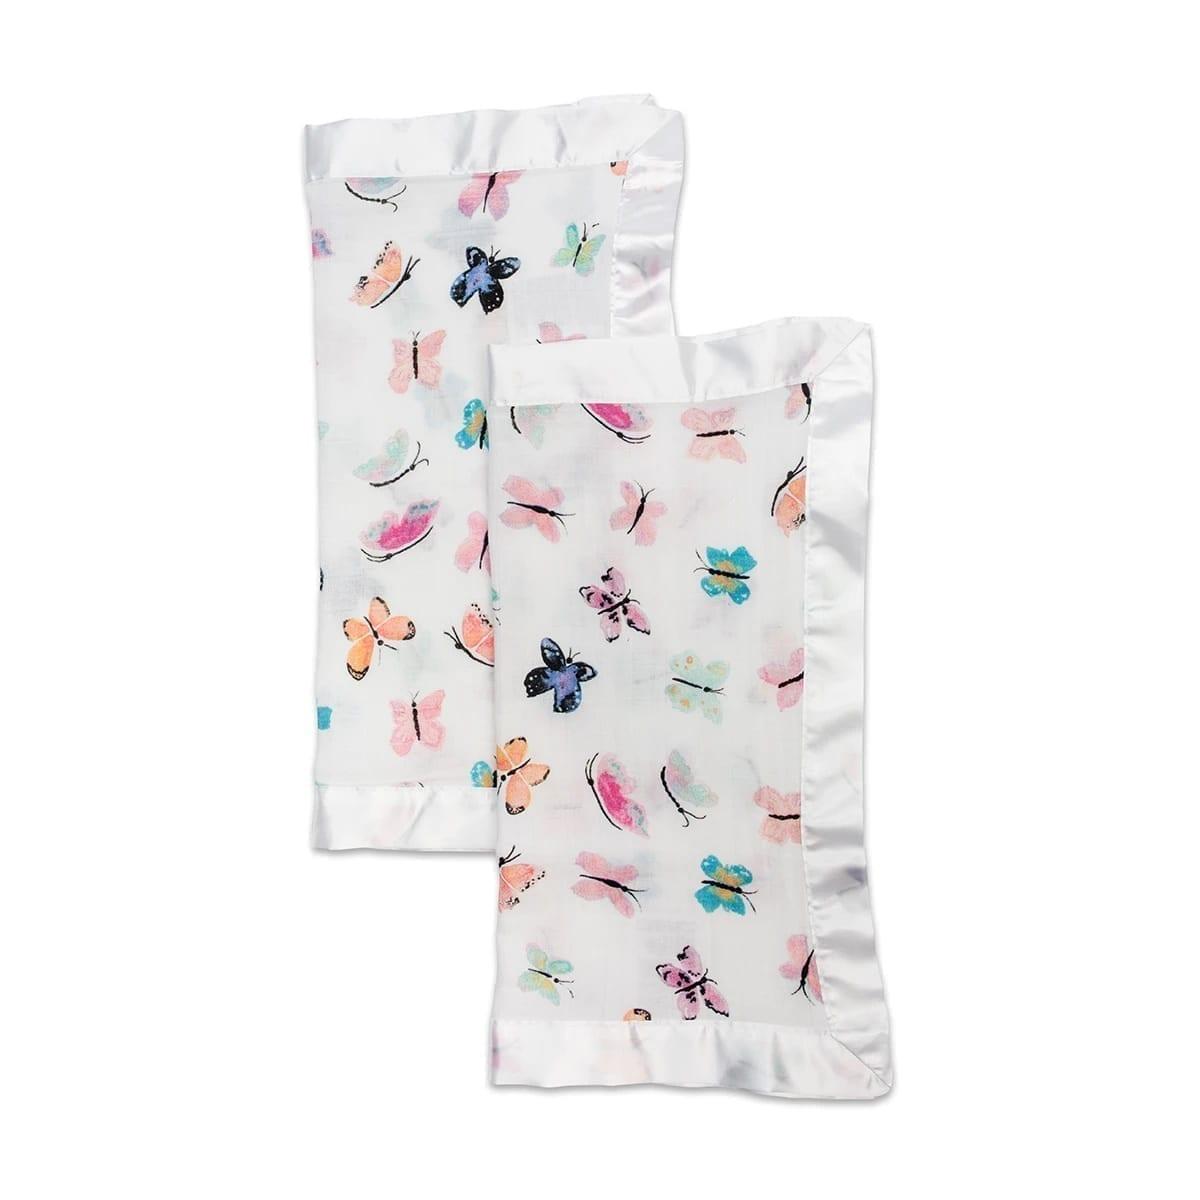 LuLuJo Muslin Security Blanket - Butterfly